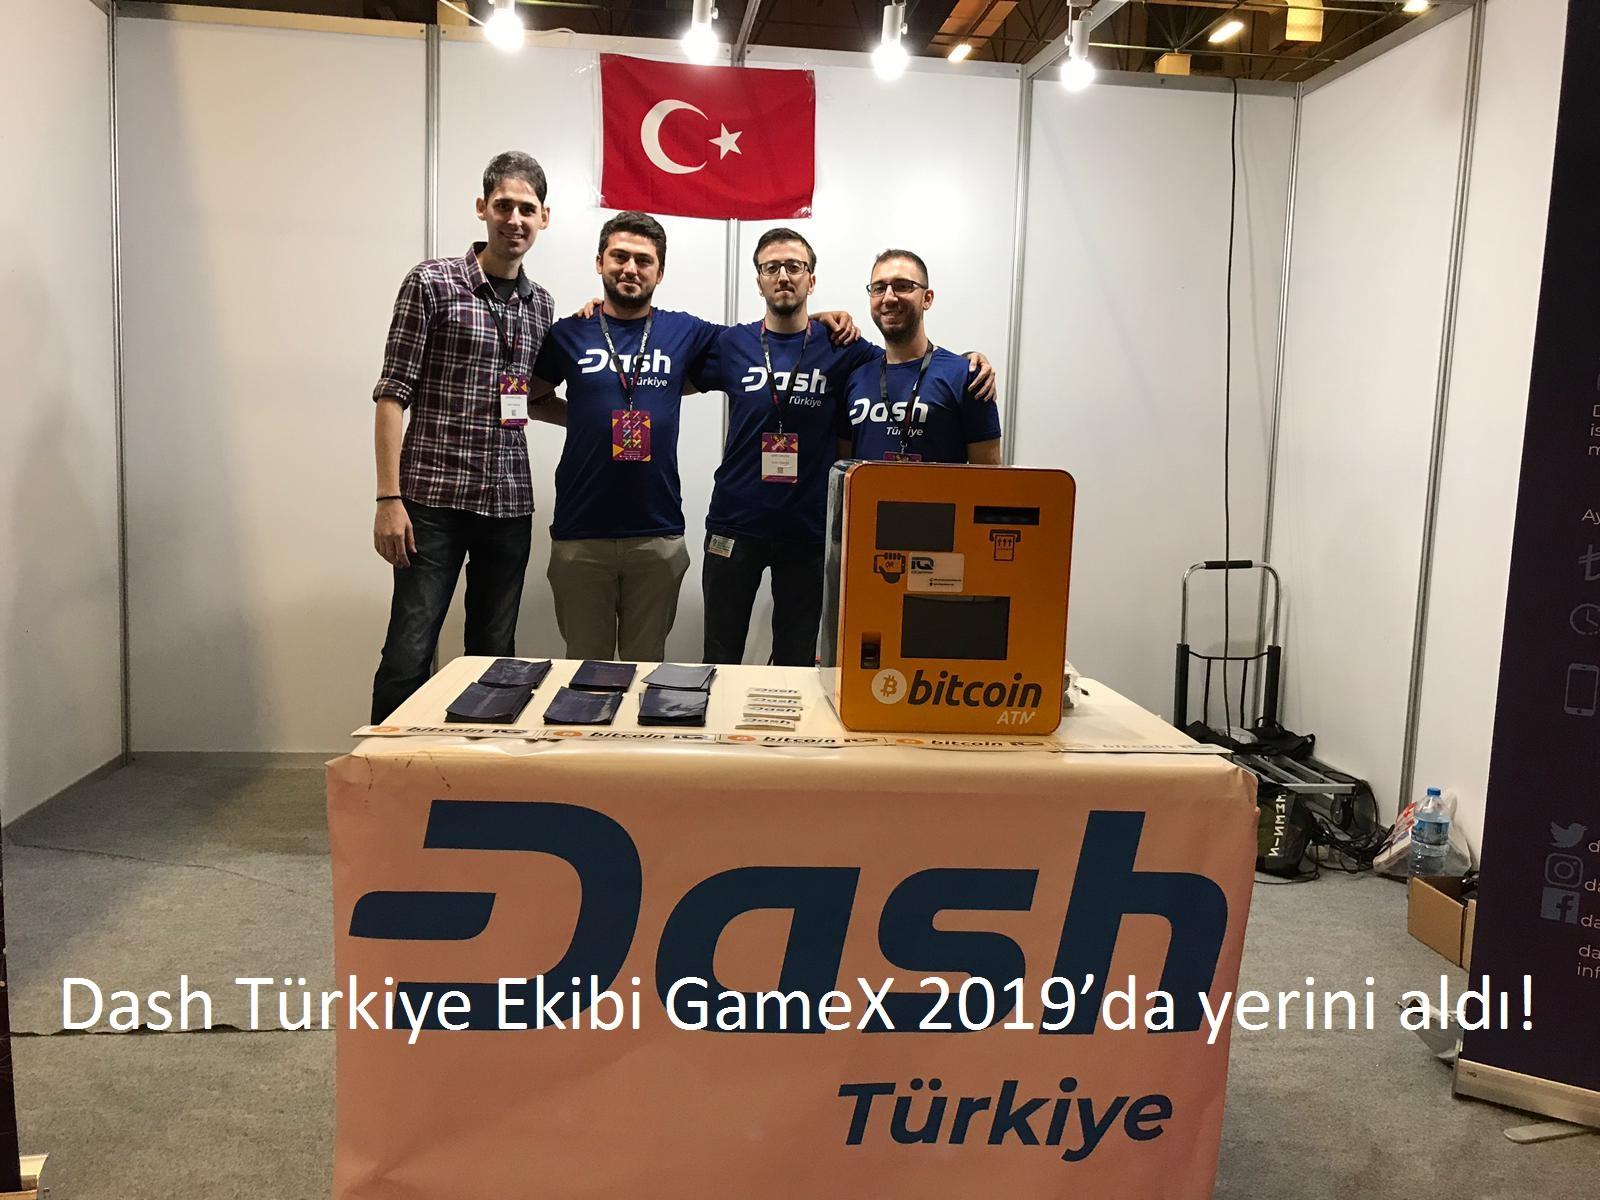 tekirdağ Dash Türkiye Ekibi GameX 2019'da yerini aldı!